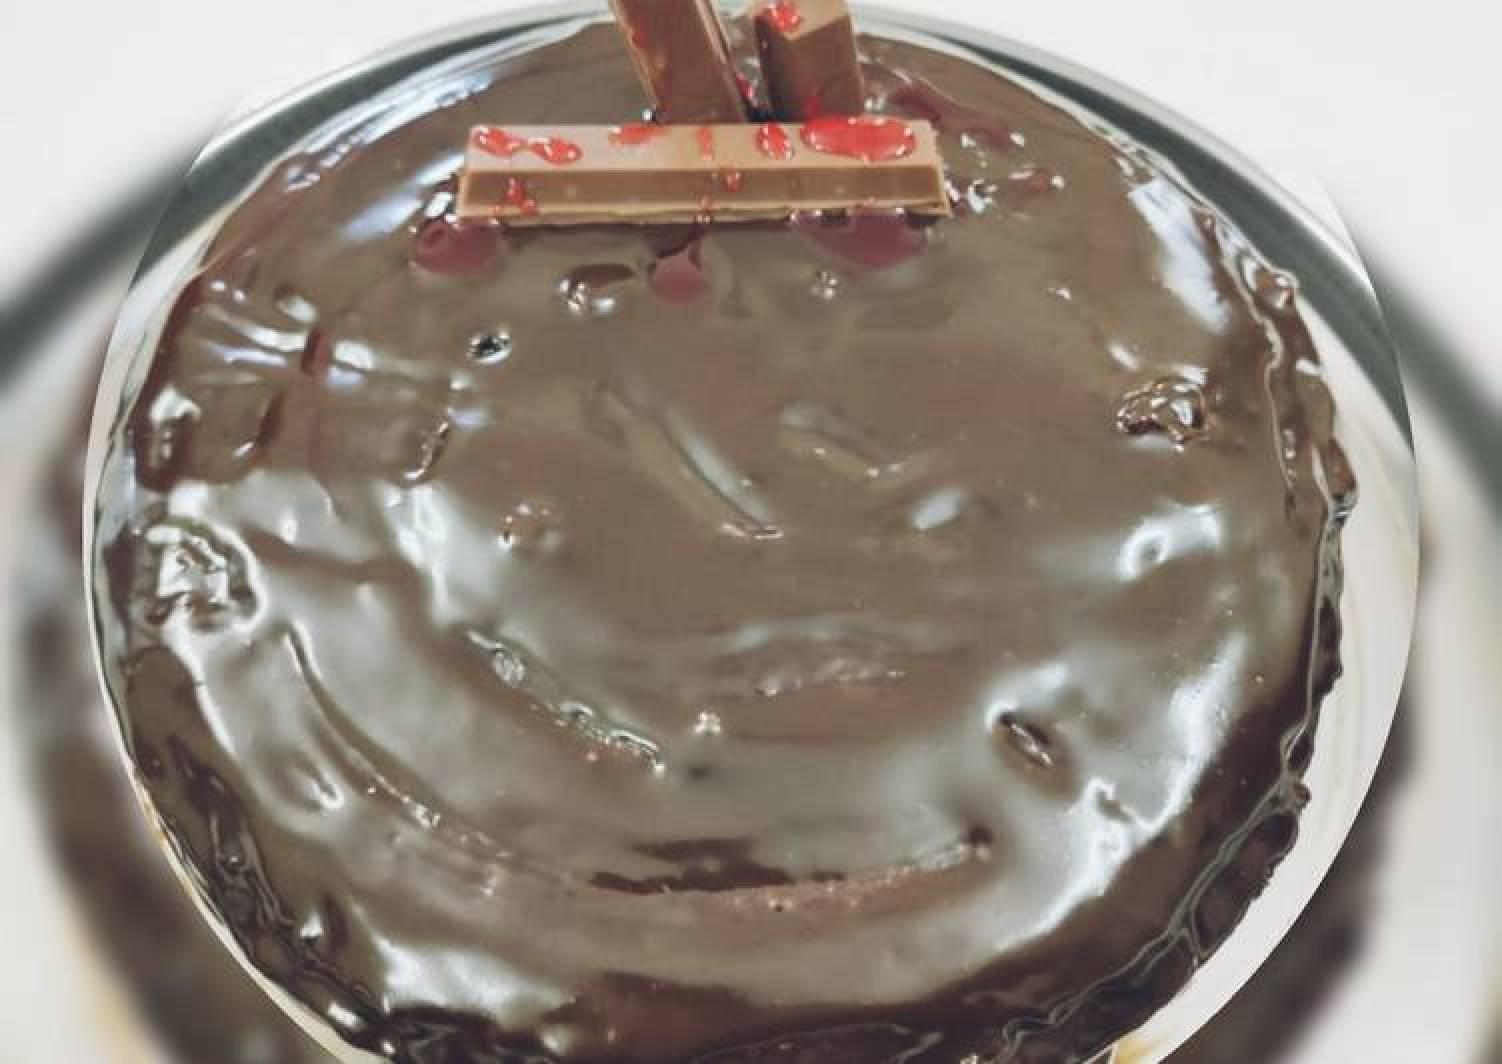 Choco 🍫 Truffle Cake 🎂